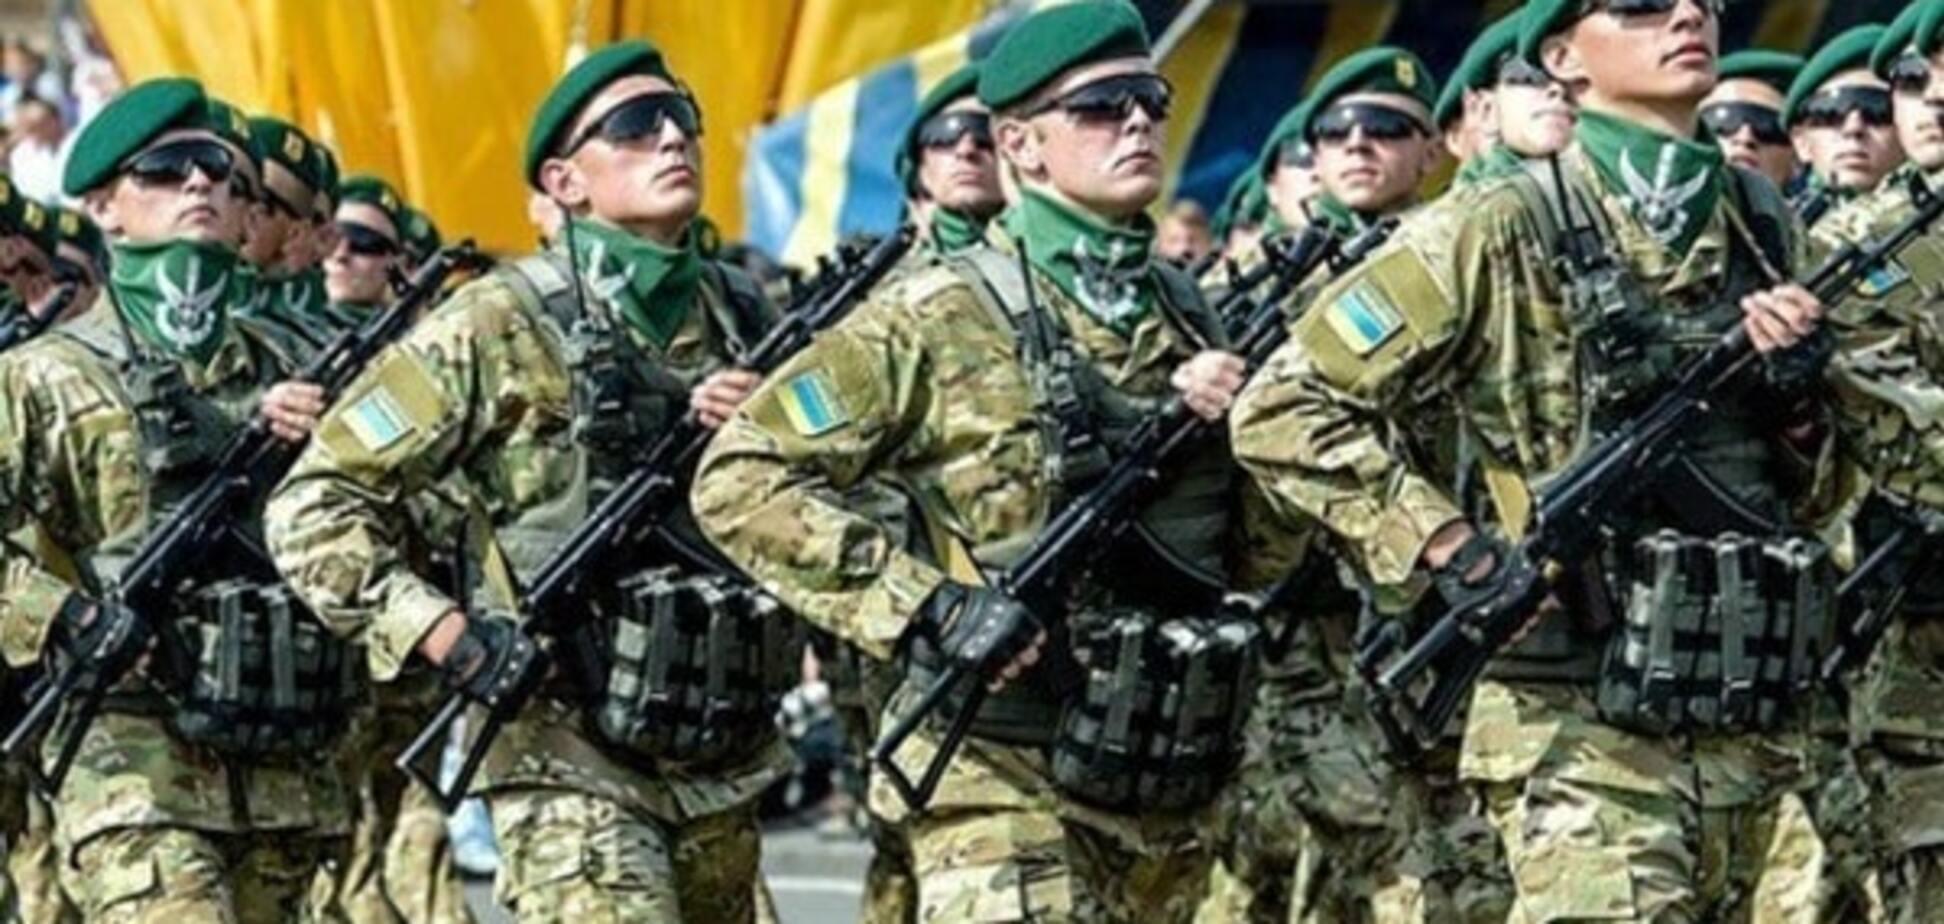 Прогресс на лицо: показана инфографика финансирования 'оборонки' Украины за 20 лет